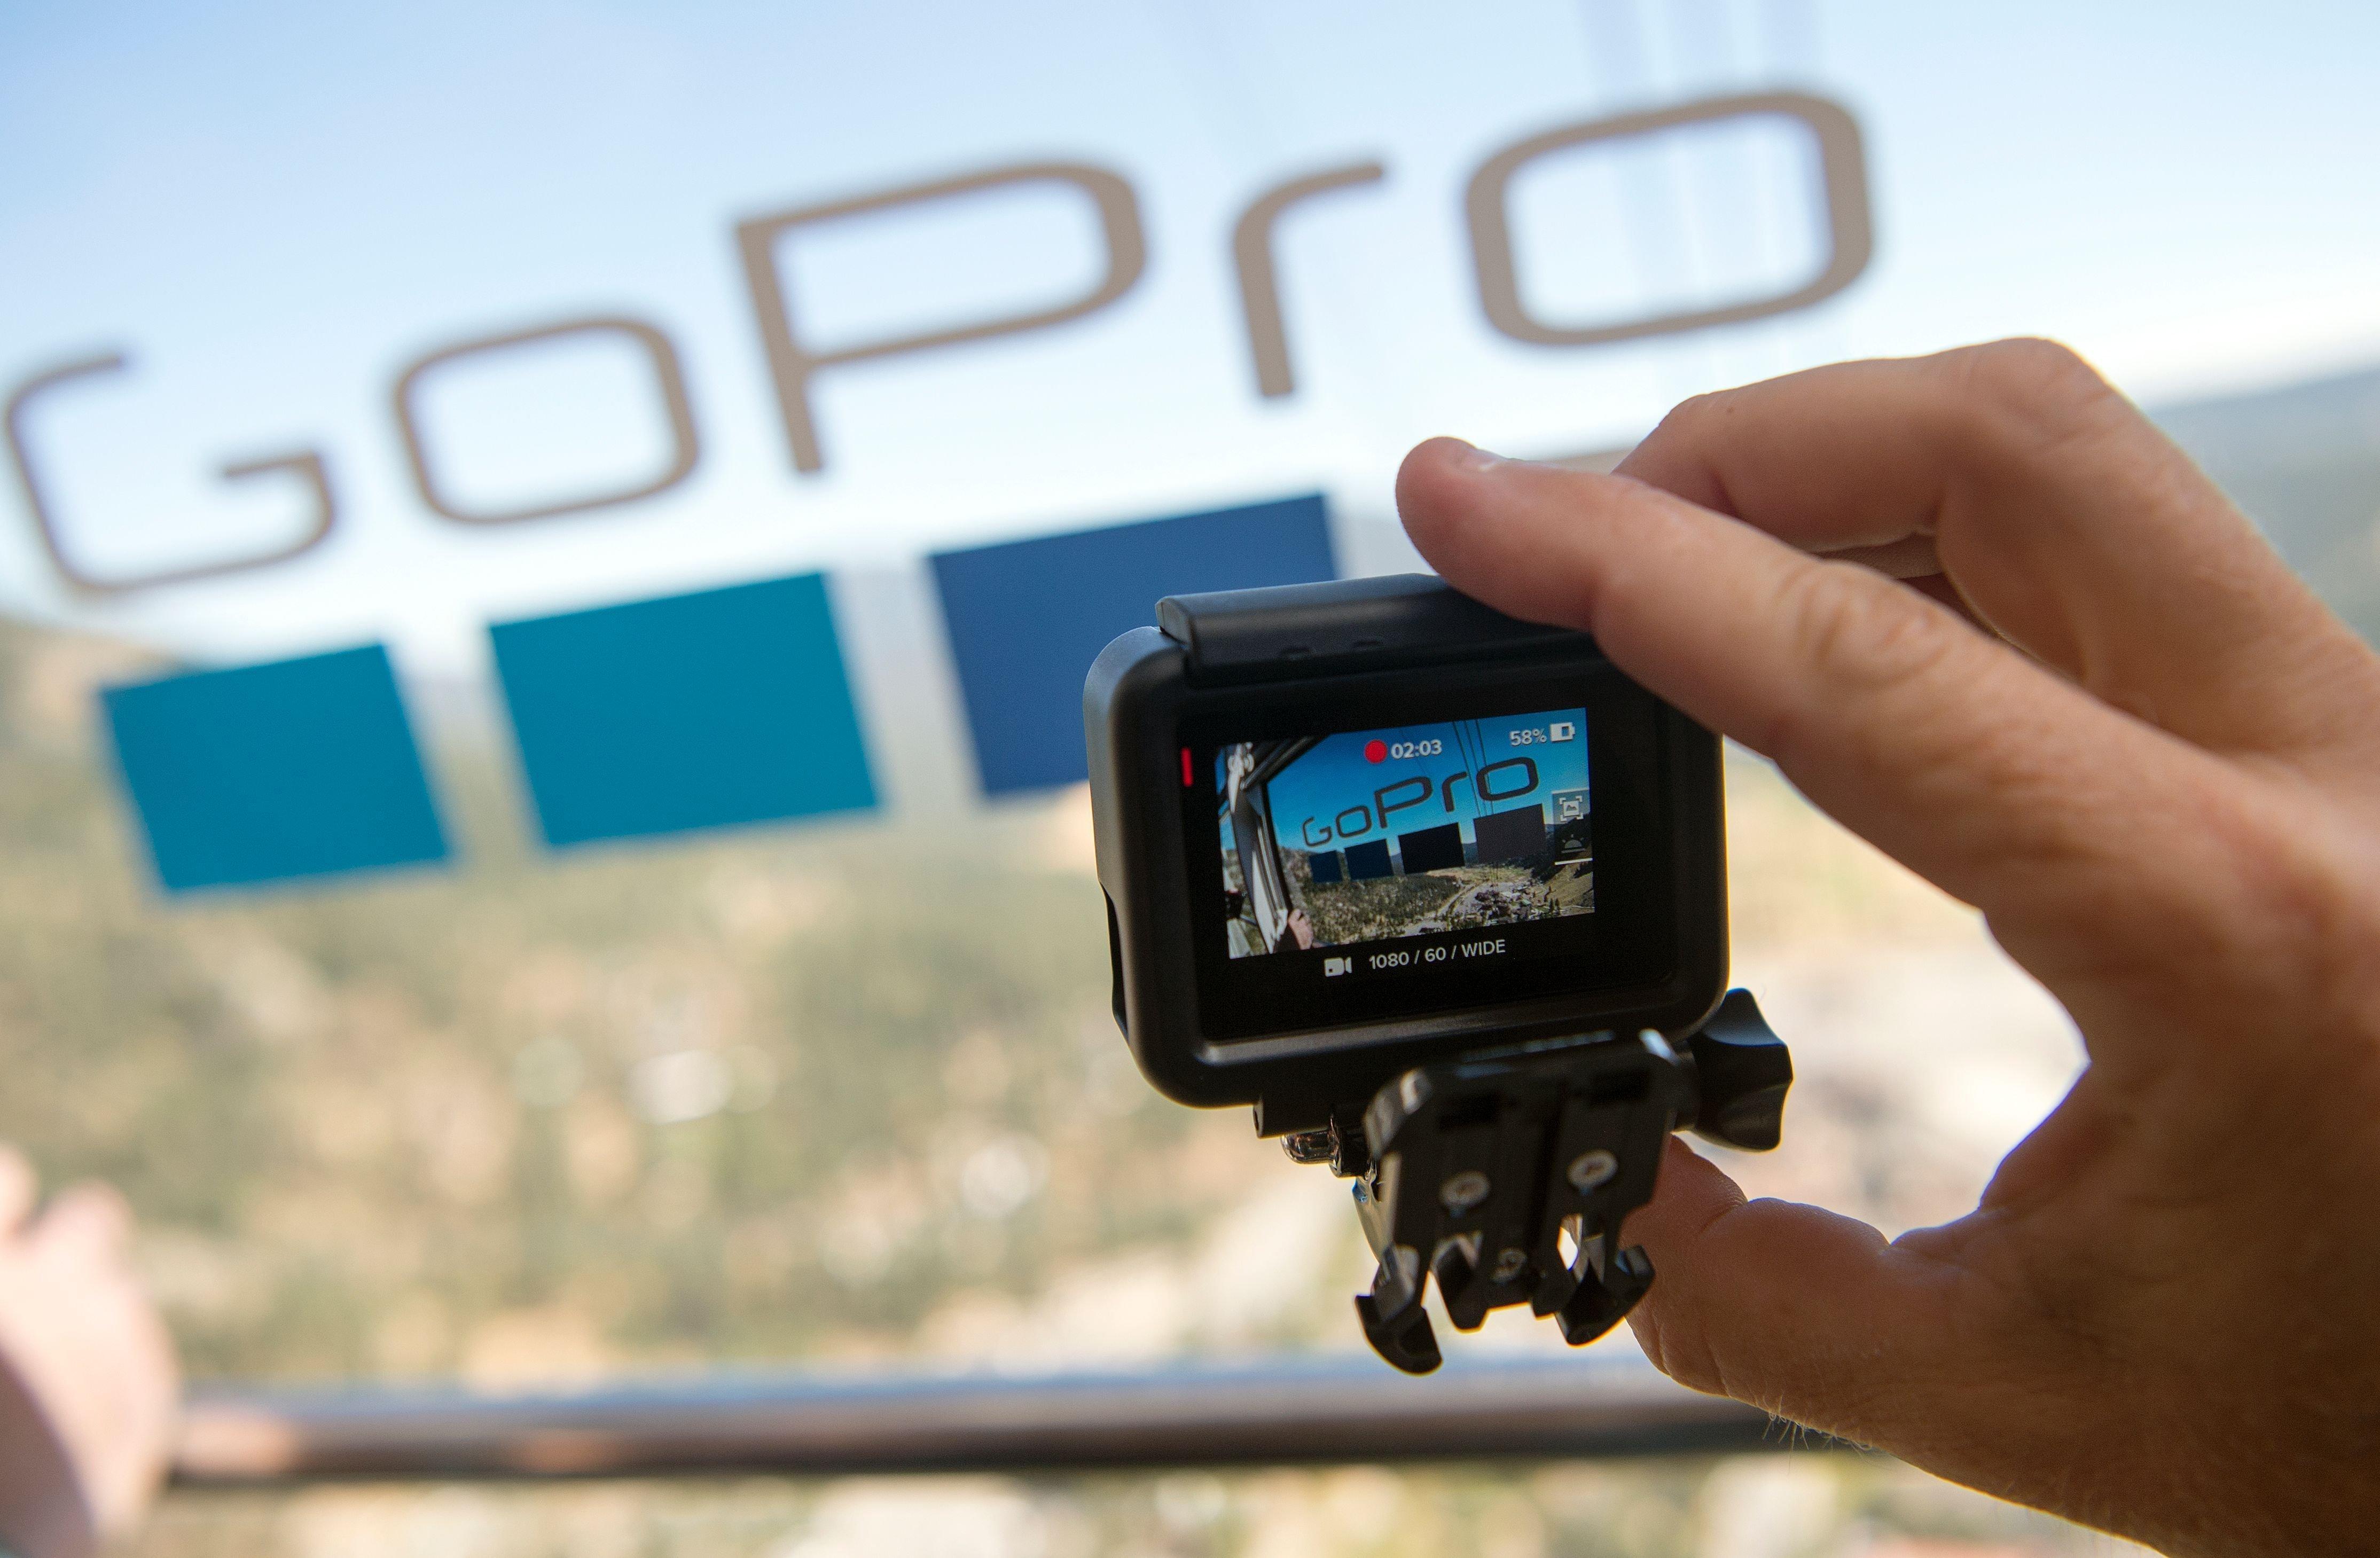 gopro - La caída de GoPro: despidos, retiro de drones y posible venta de la empresa